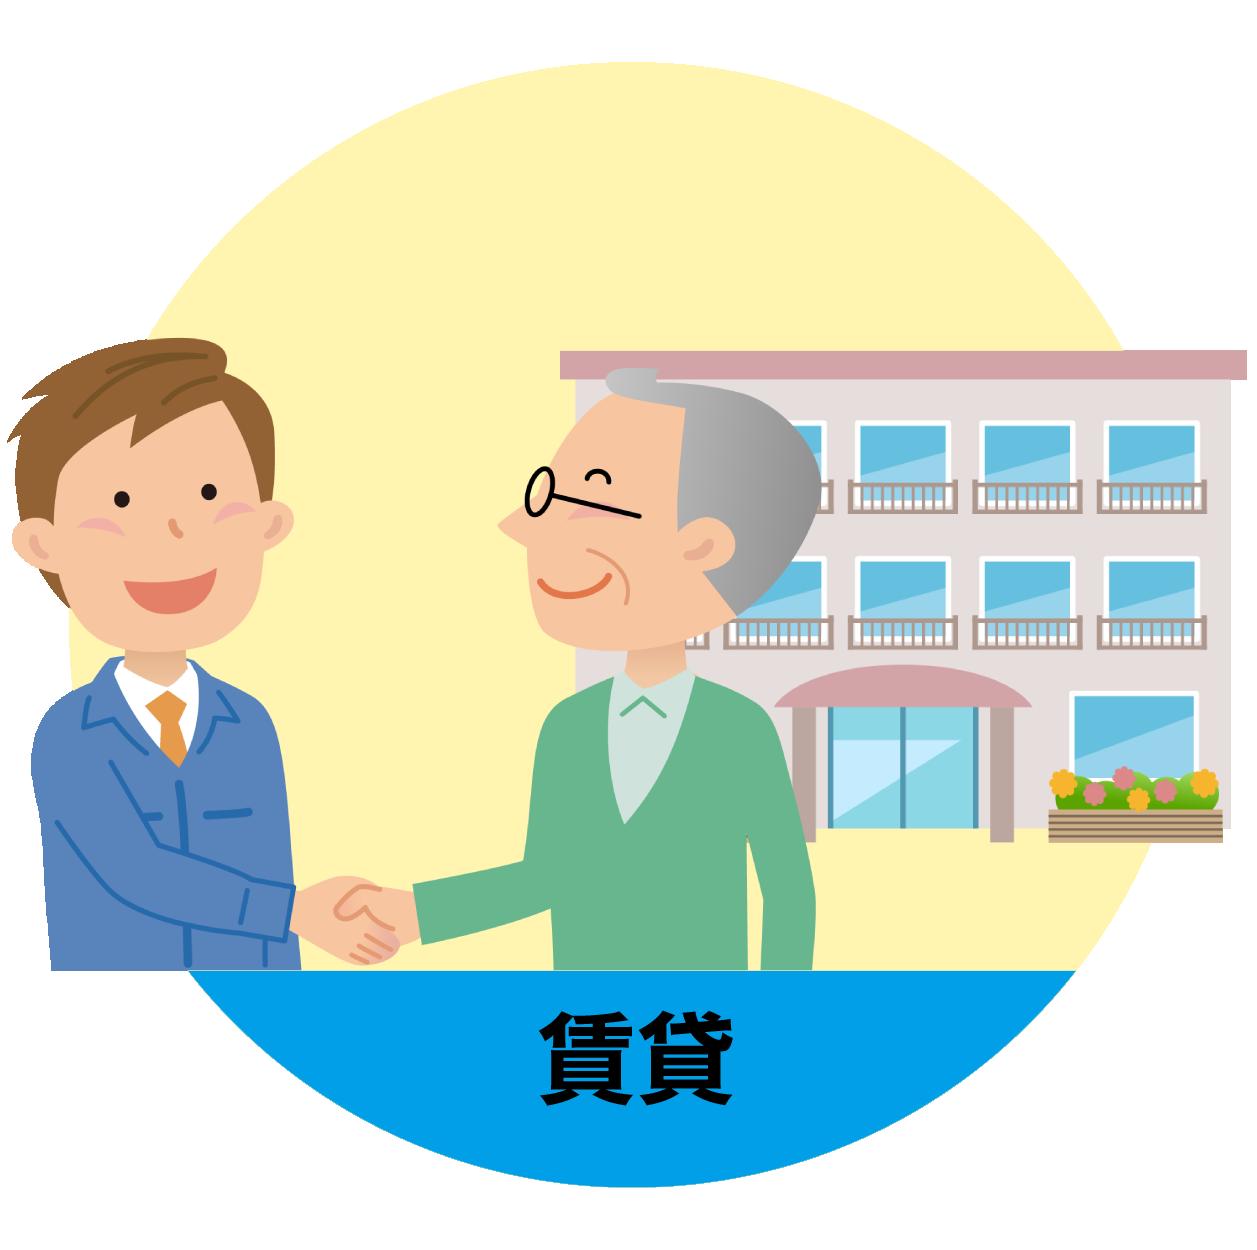 物件市場ポイントサービス:入学や転勤のため、アパートを借りる